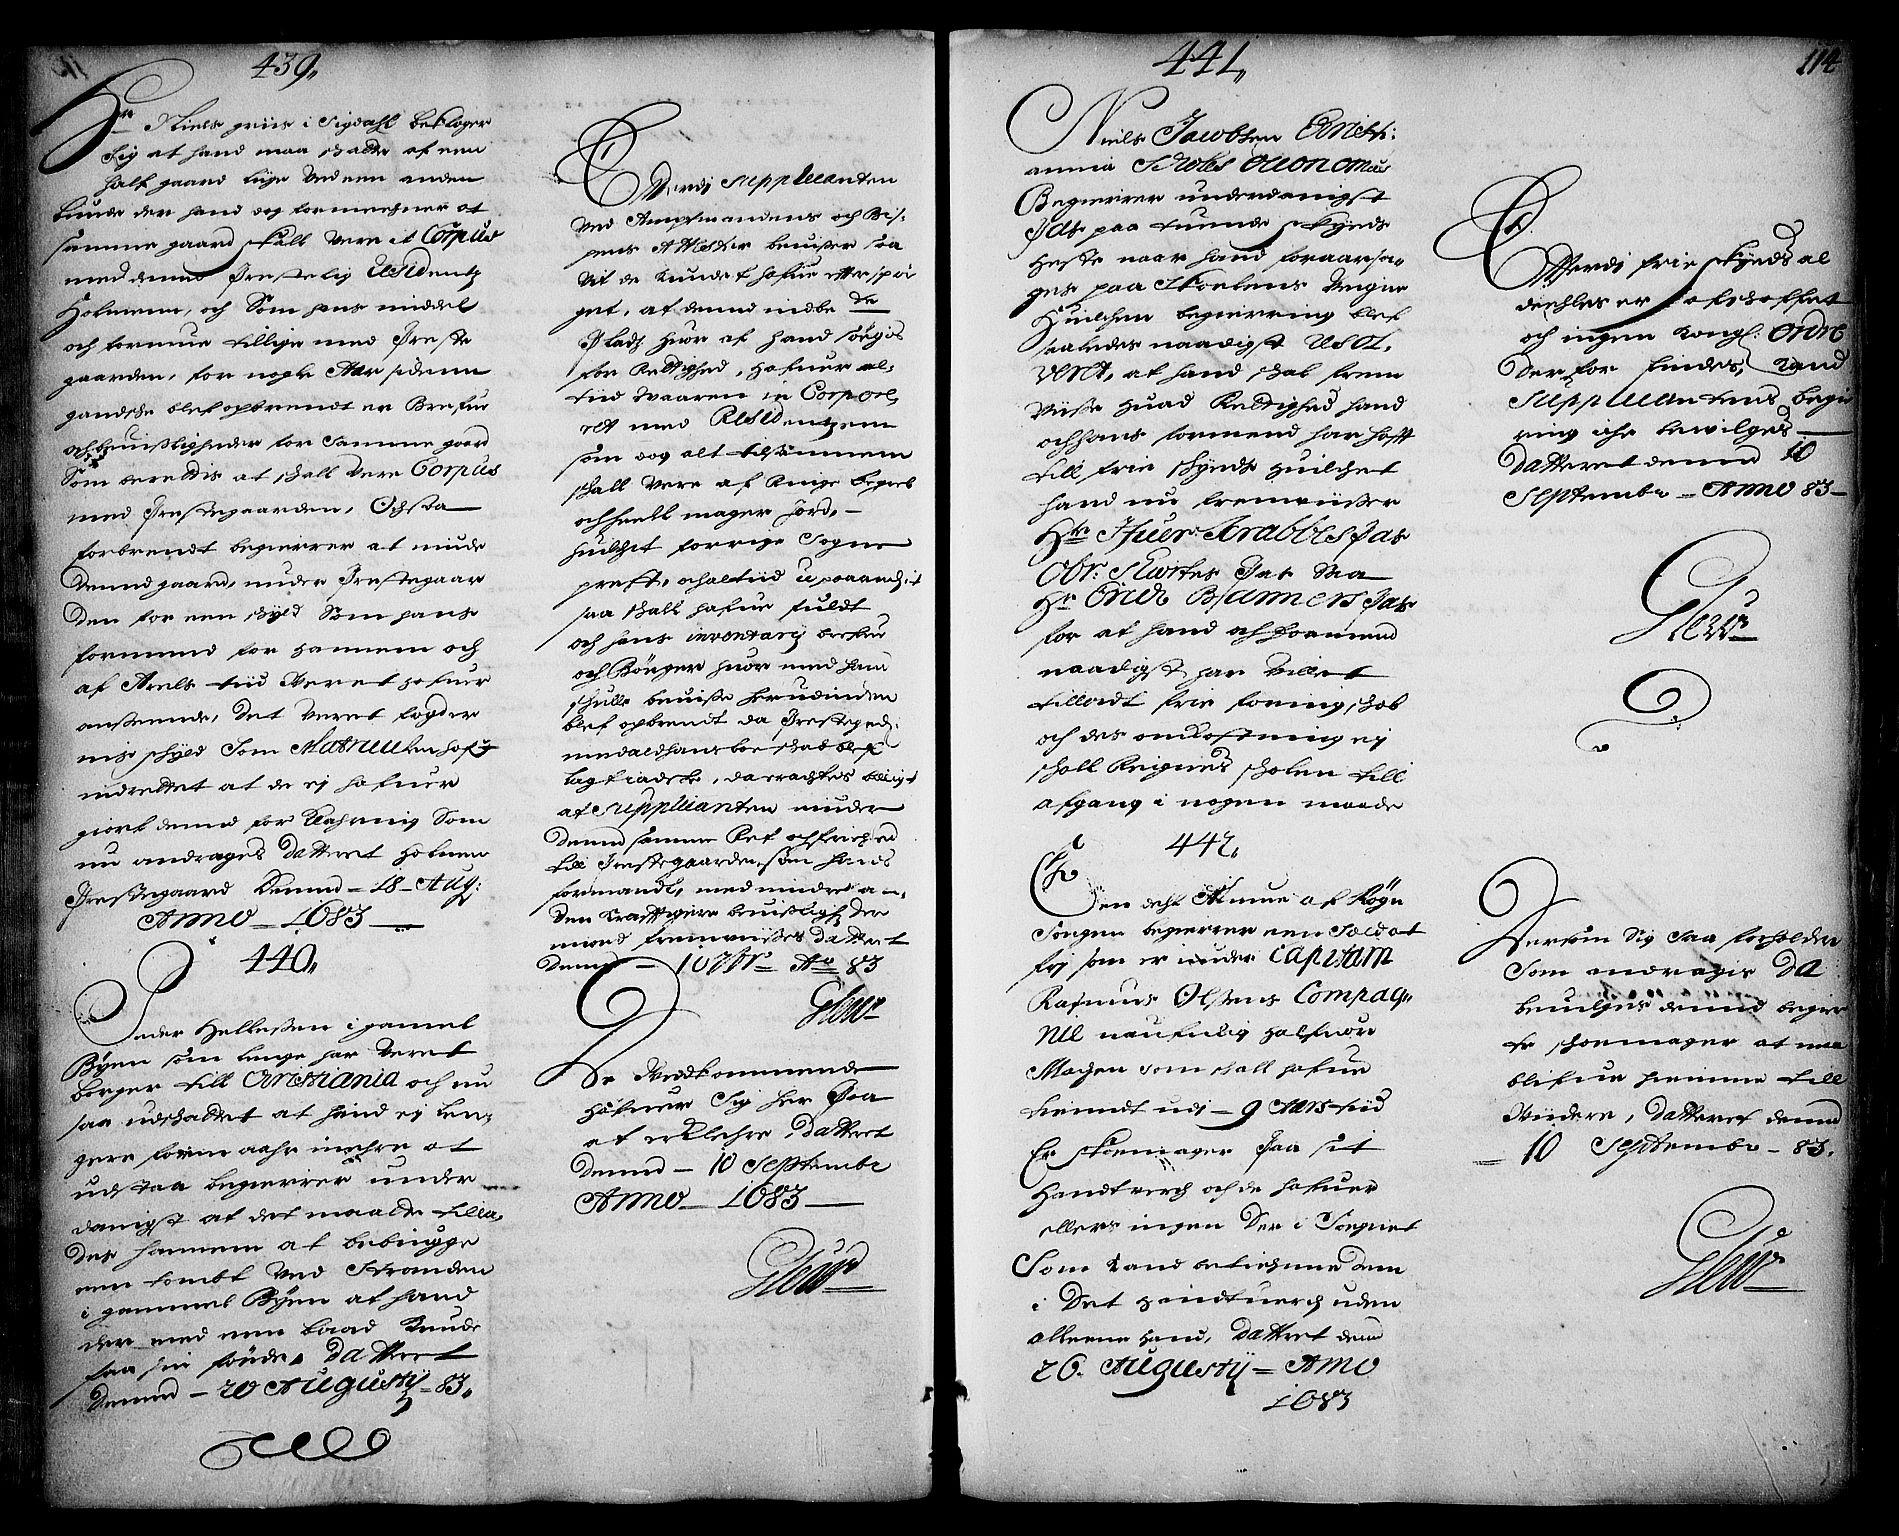 RA, Stattholderembetet 1572-1771, Ad/L0004: Supplikasjons- og resolusjonsprotokoll, 1683-1691, s. 112b-113a